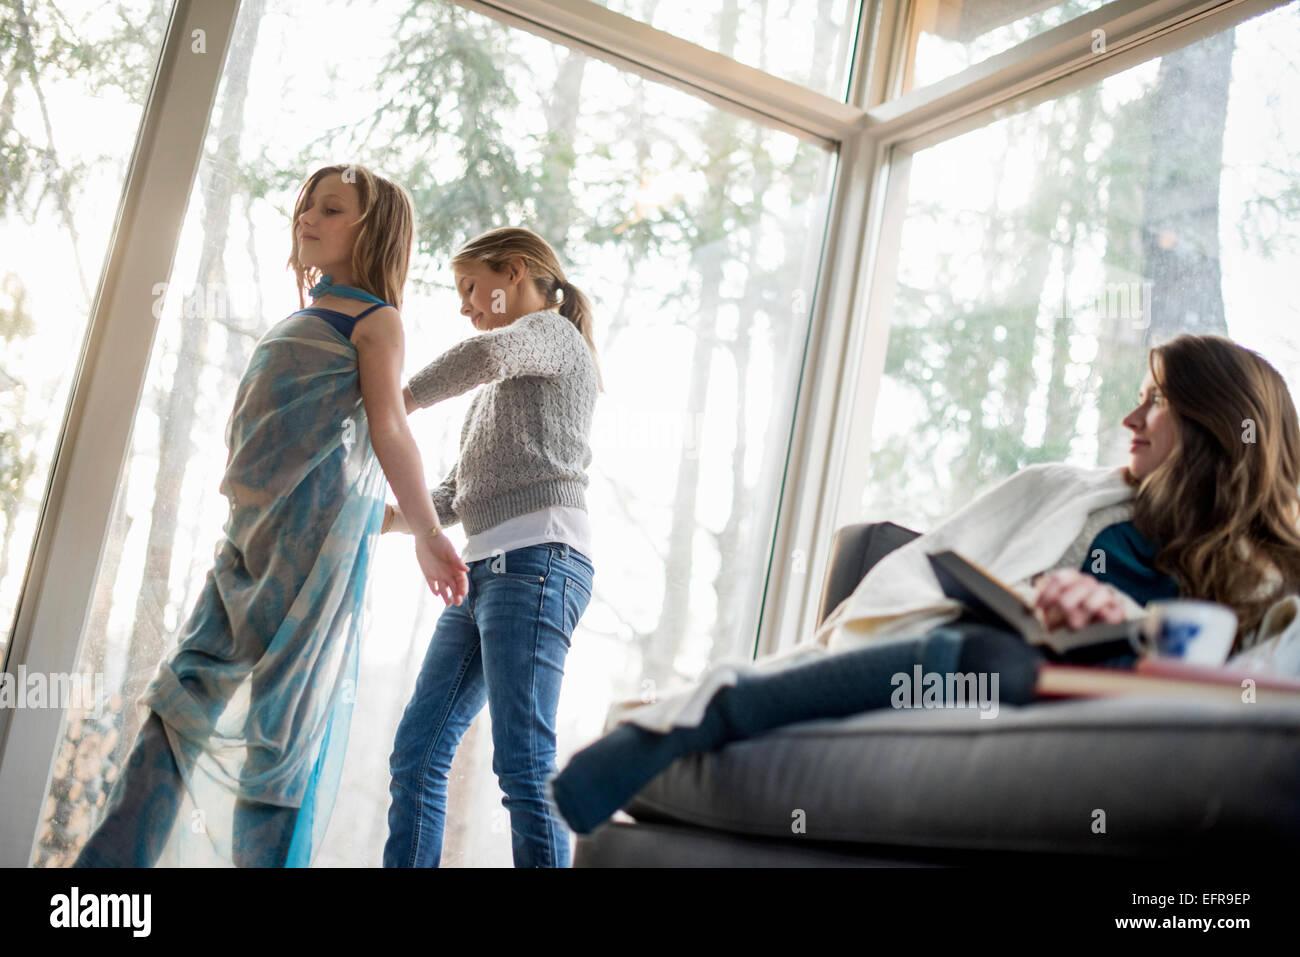 Due ragazze in piedi in un salotto, vestirsi, una donna seduta su un divano, guardando. Immagini Stock